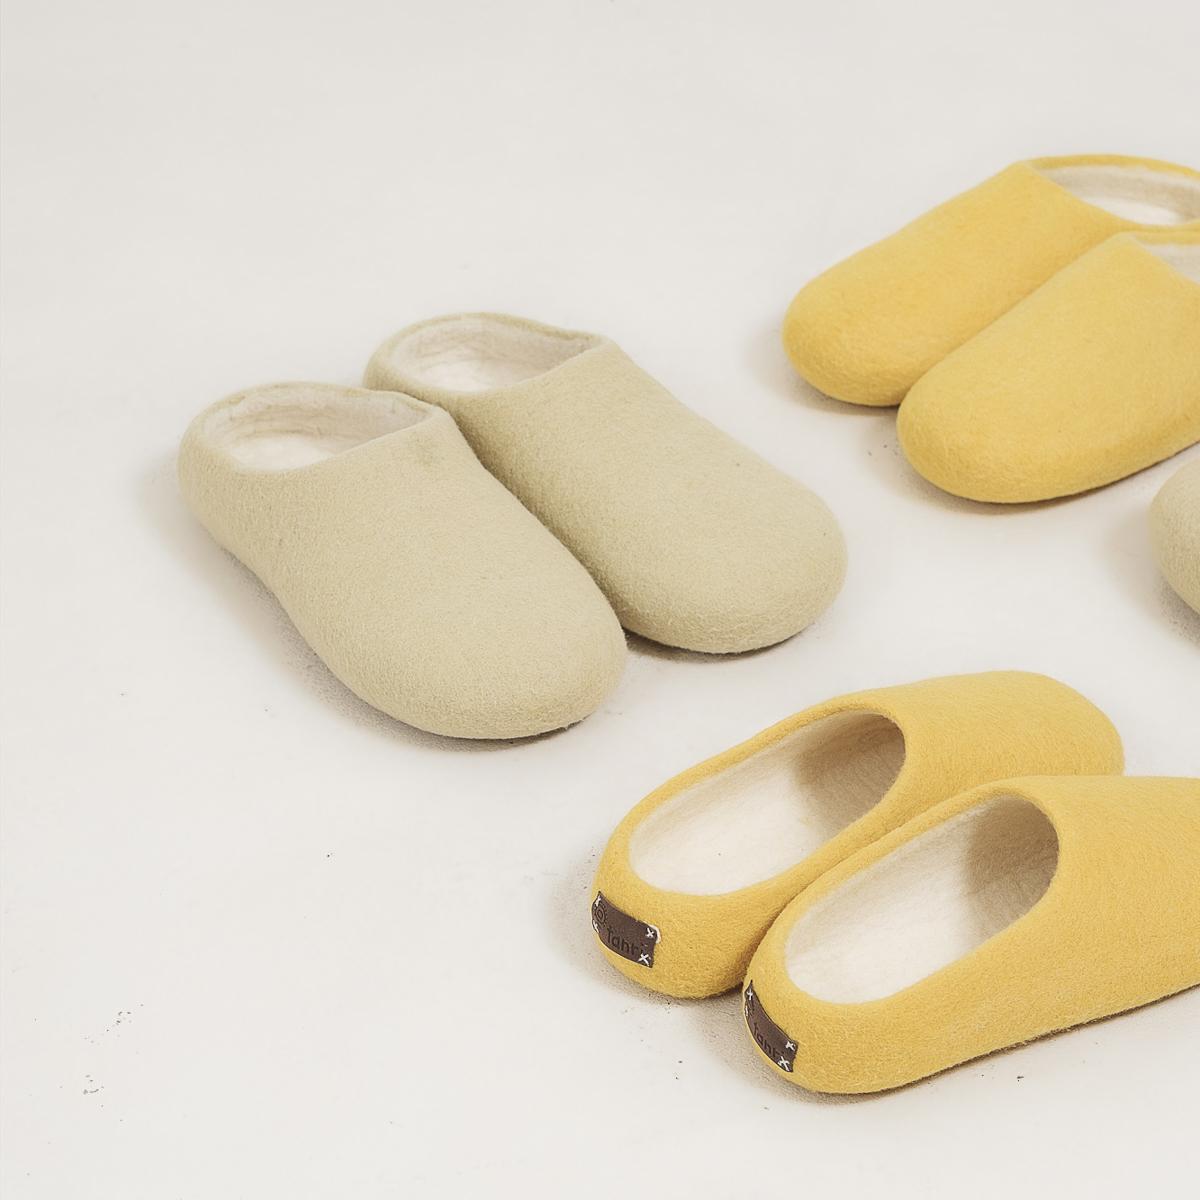 Three pairs of Tanri slippers